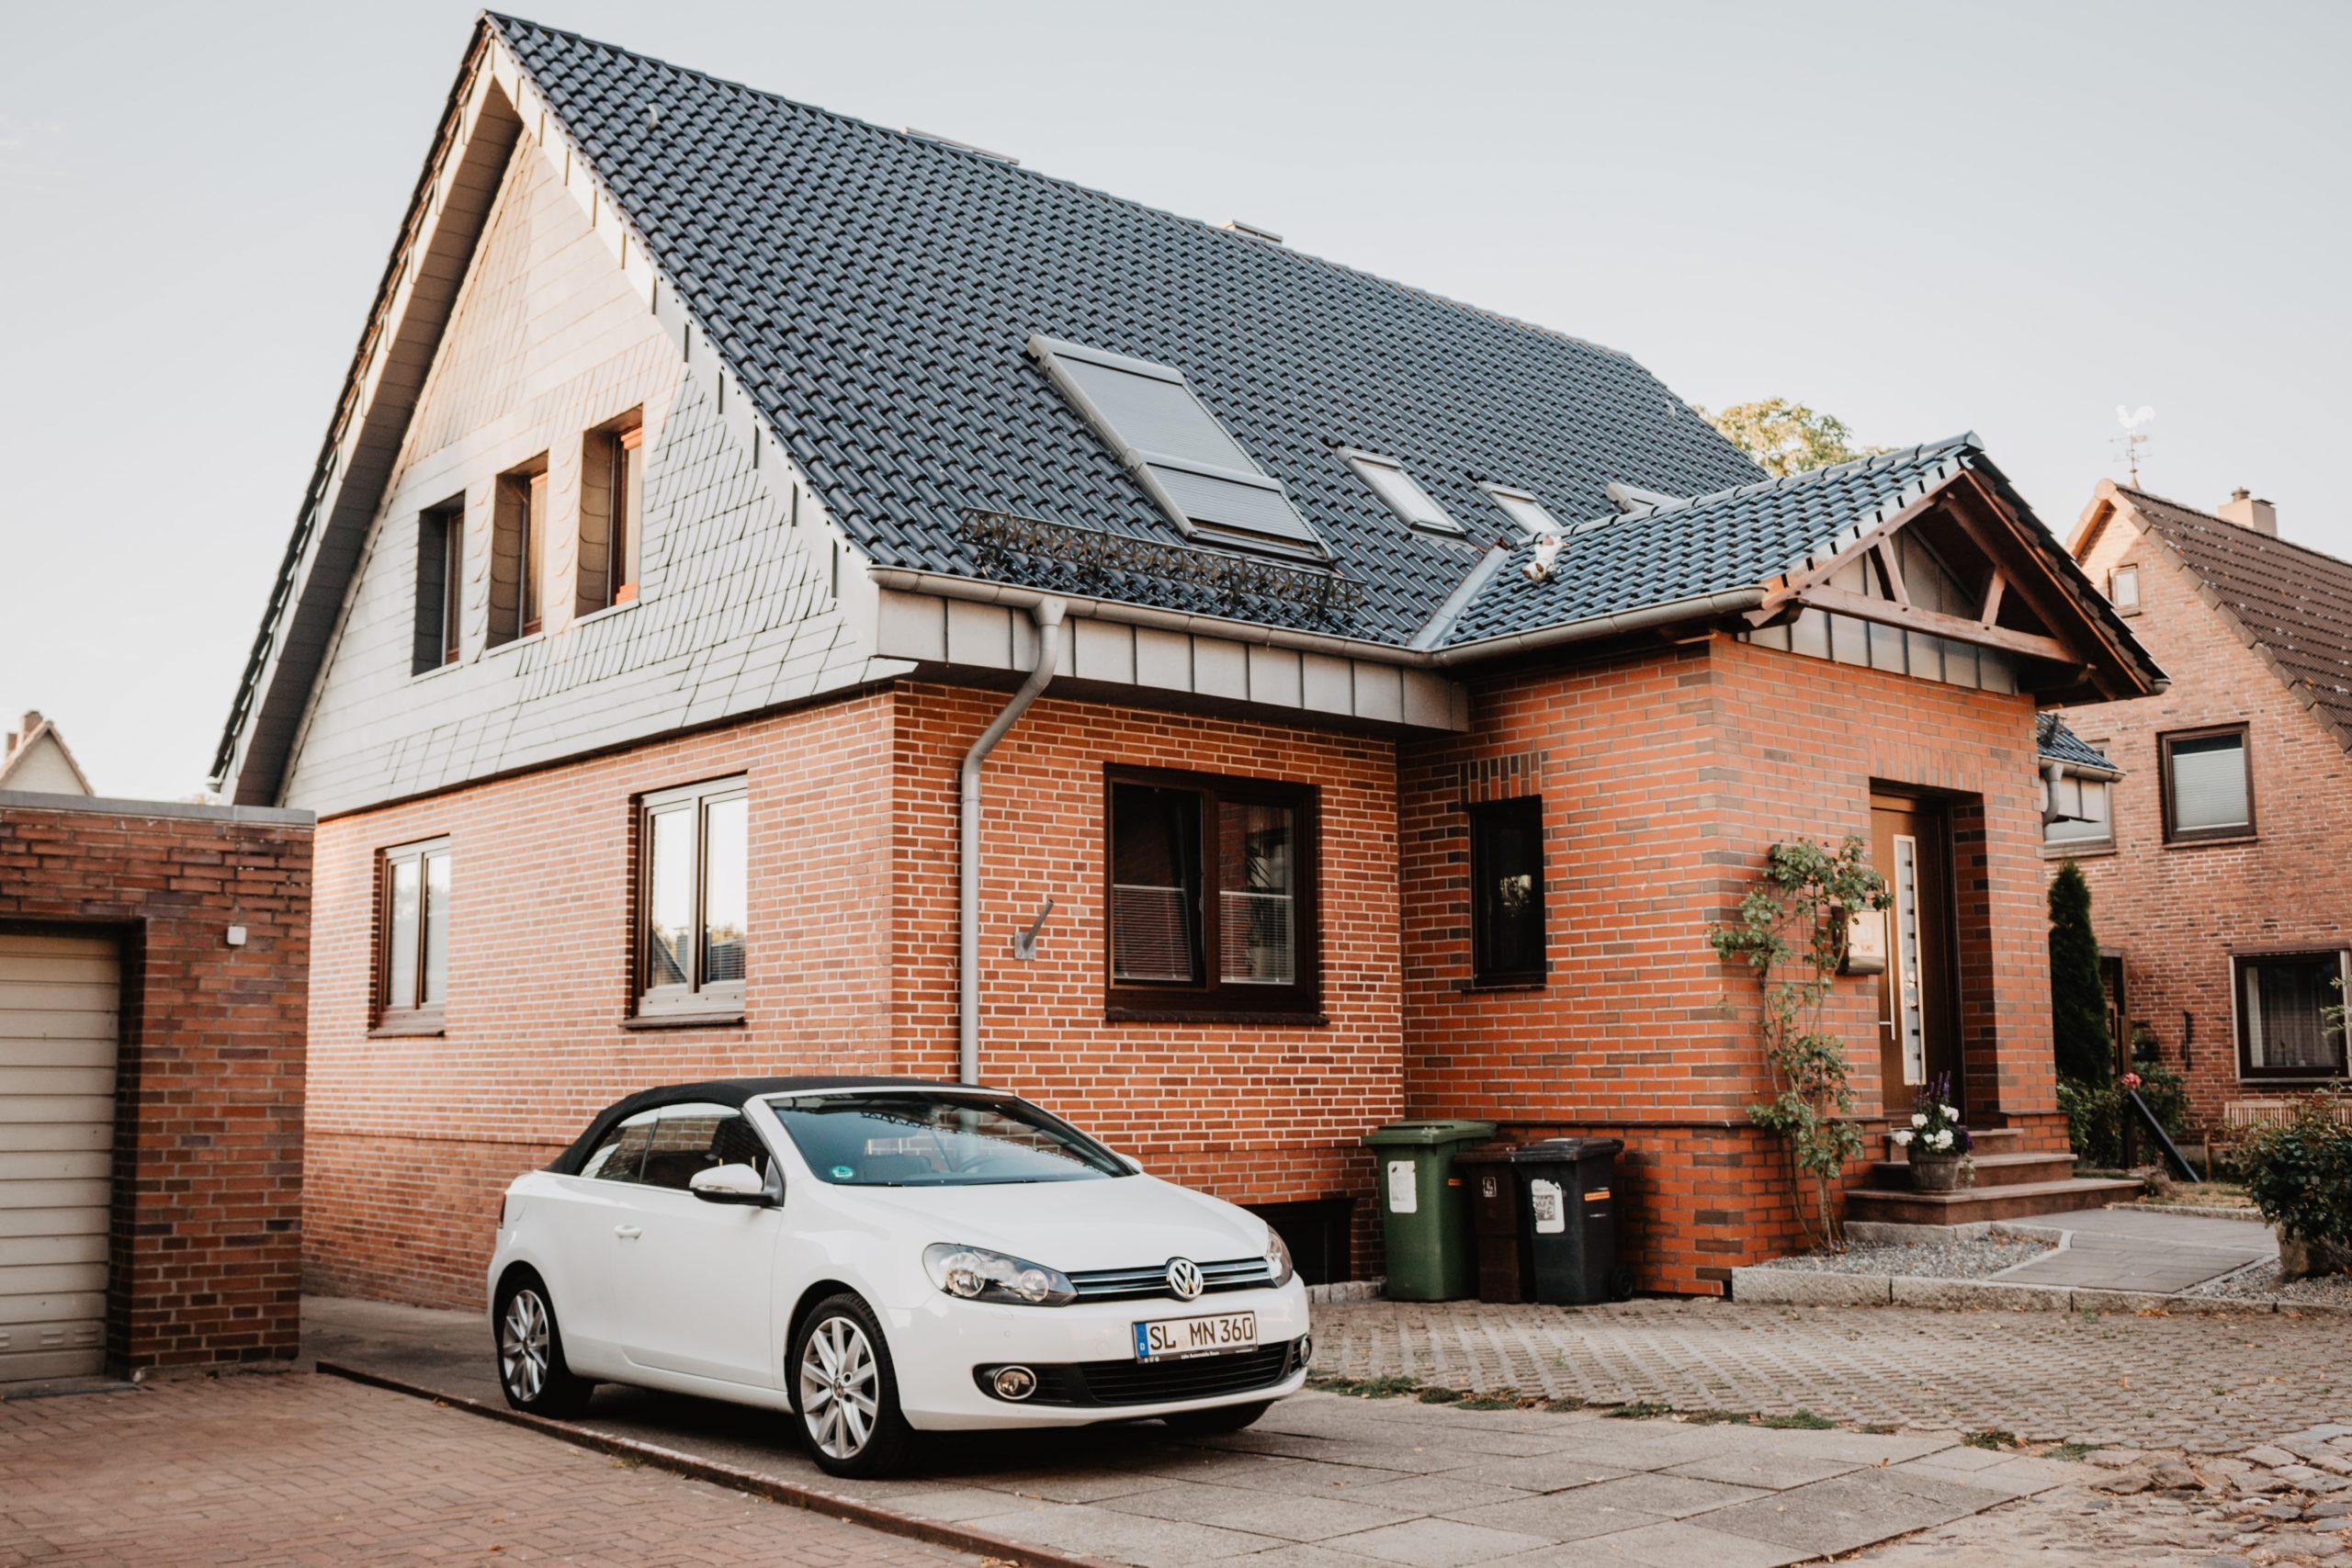 Soziale Wohnraumförderung – zum eigenen Heim mit schmalem Einkommen